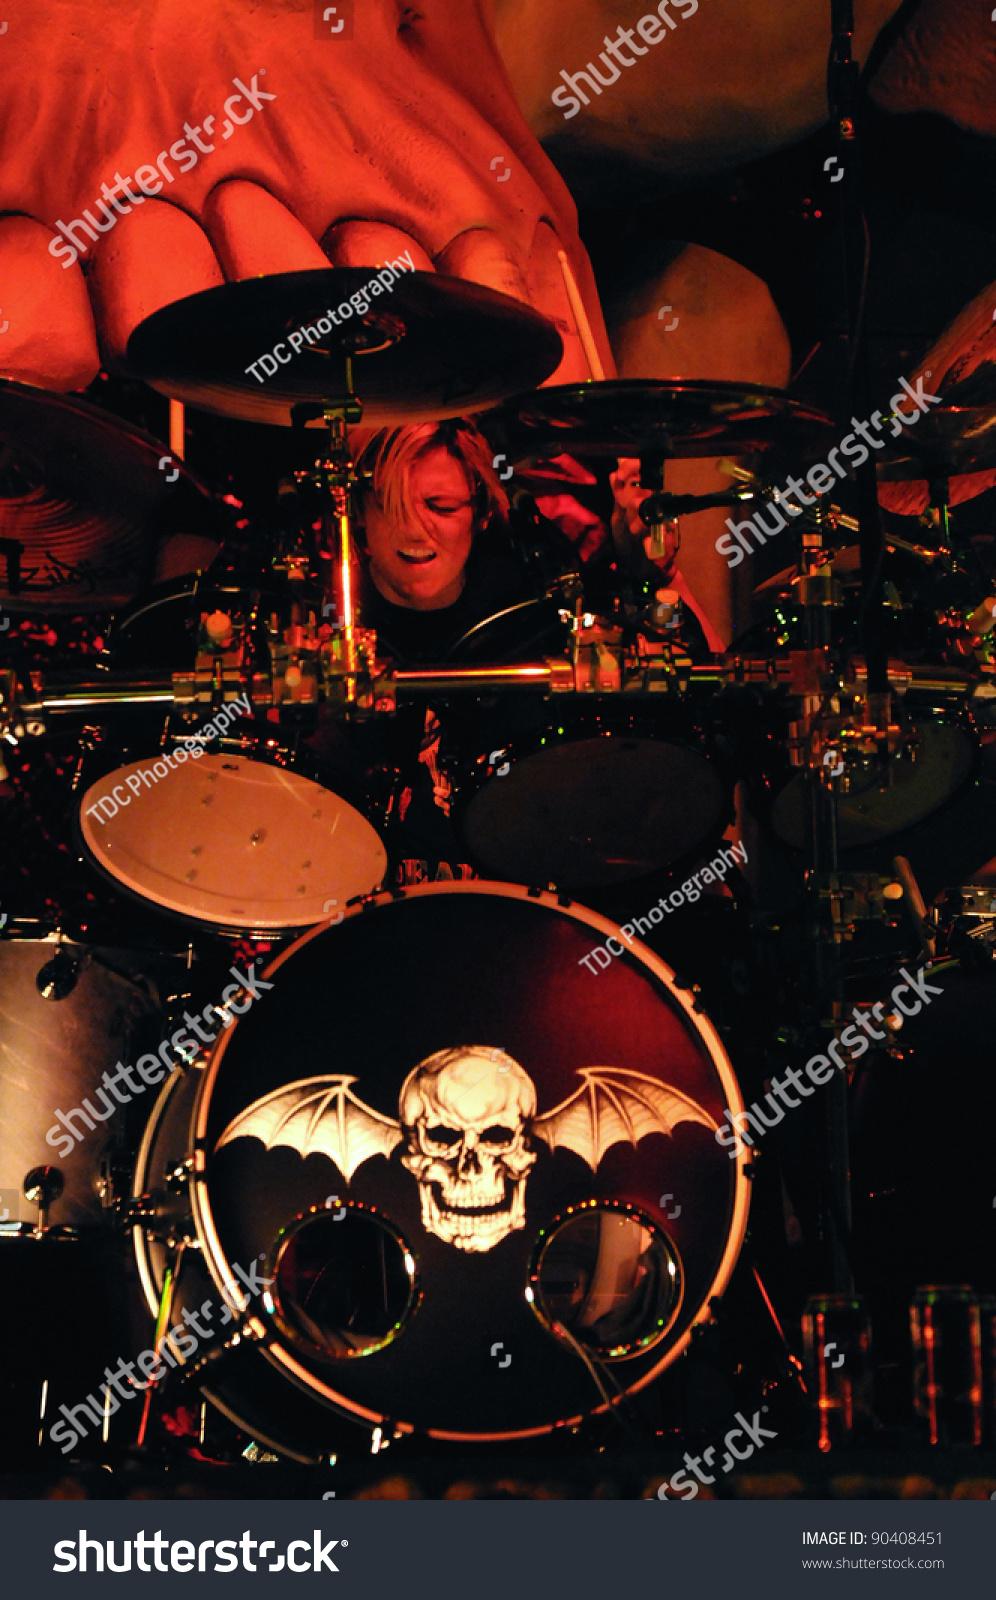 Denver October 05 Drummer Arin Ilejay Of The Heavy Metal